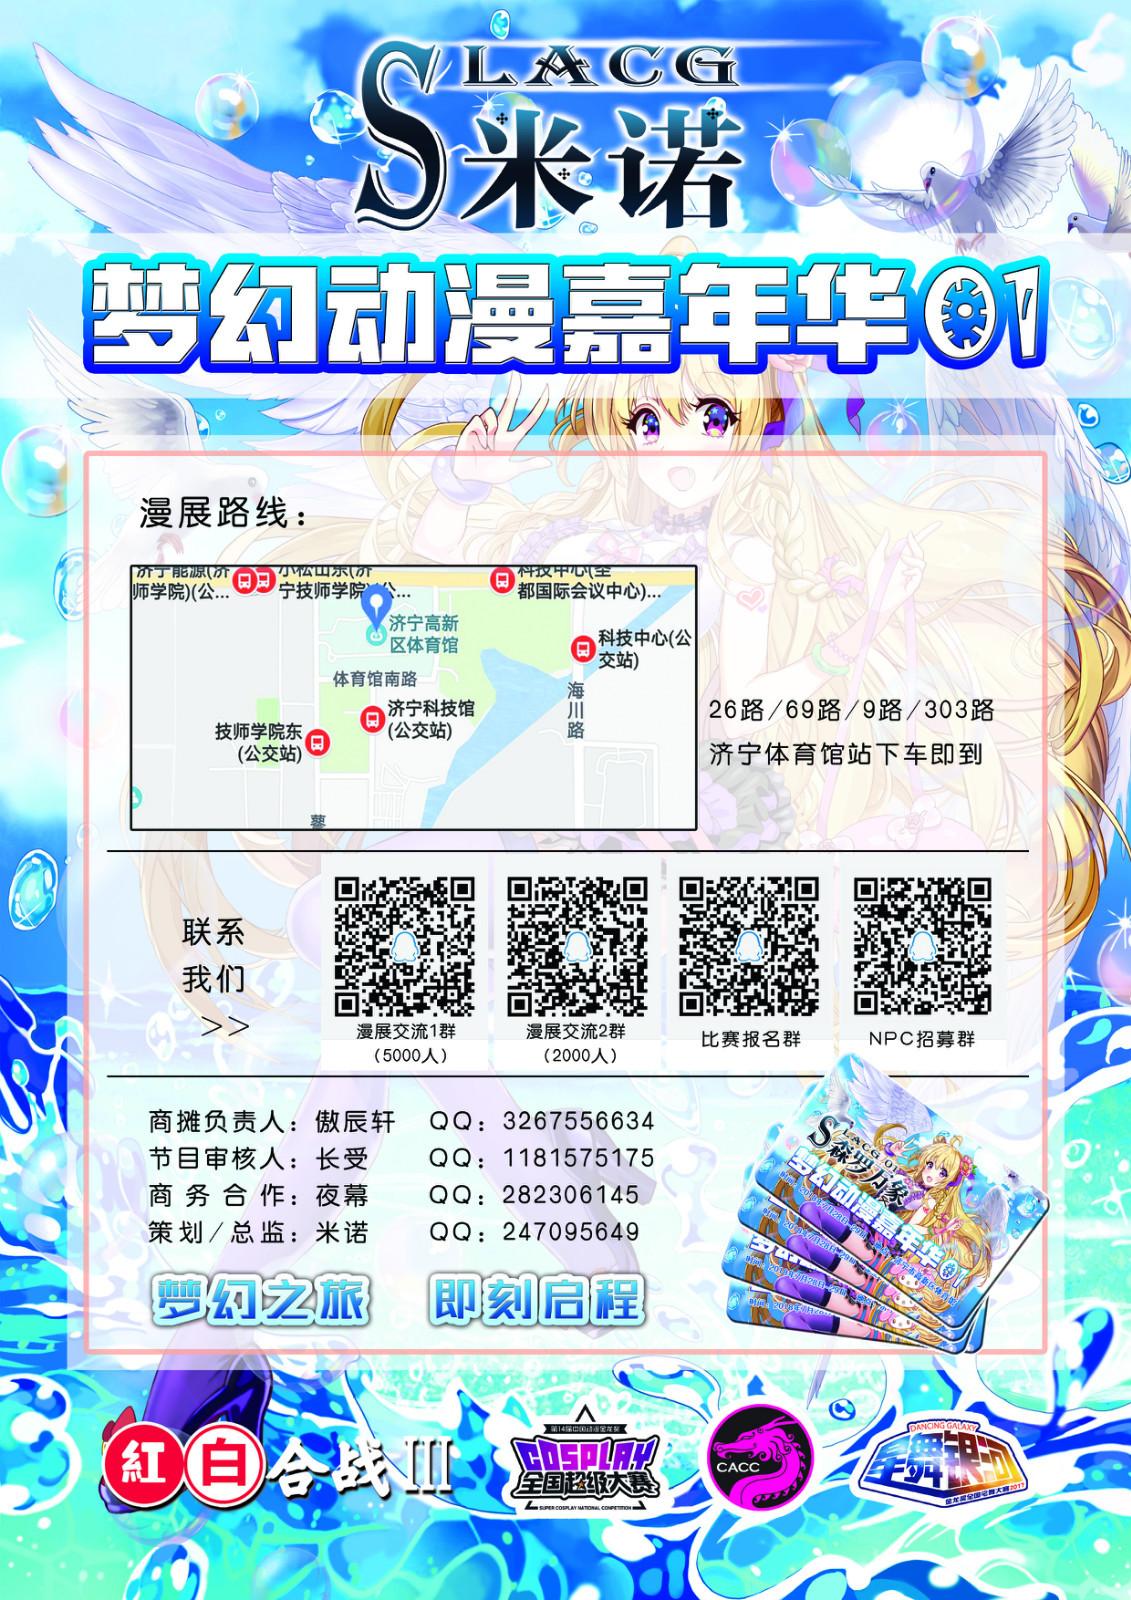 [山东] 米诺梦幻动漫嘉年华暨金龙奖COSPLAY全国超级大赛-C3动漫网